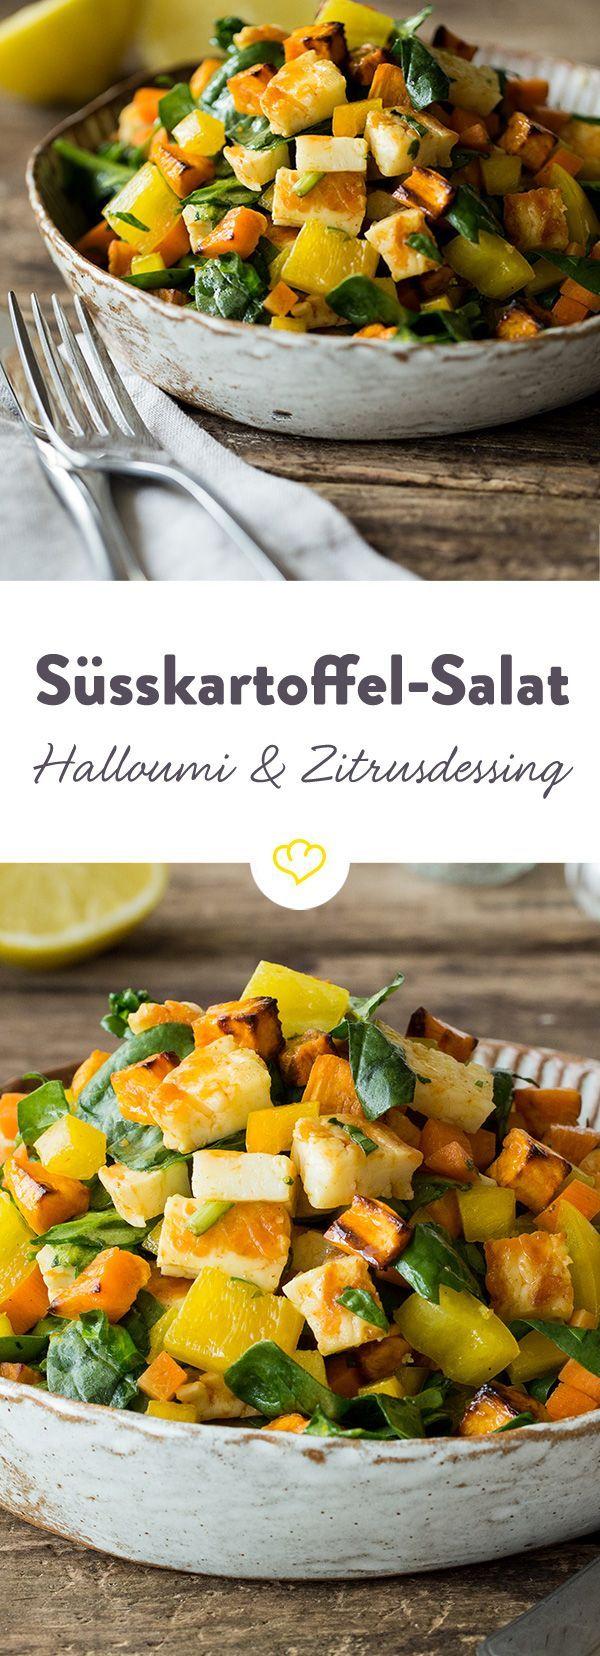 Satt soll es machen, aber nicht schwer im Magen liegen. Der lauwarme Salat mit Süßkartoffeln aus dem Ofen und Halloumi ist das perfekte Sommergericht.